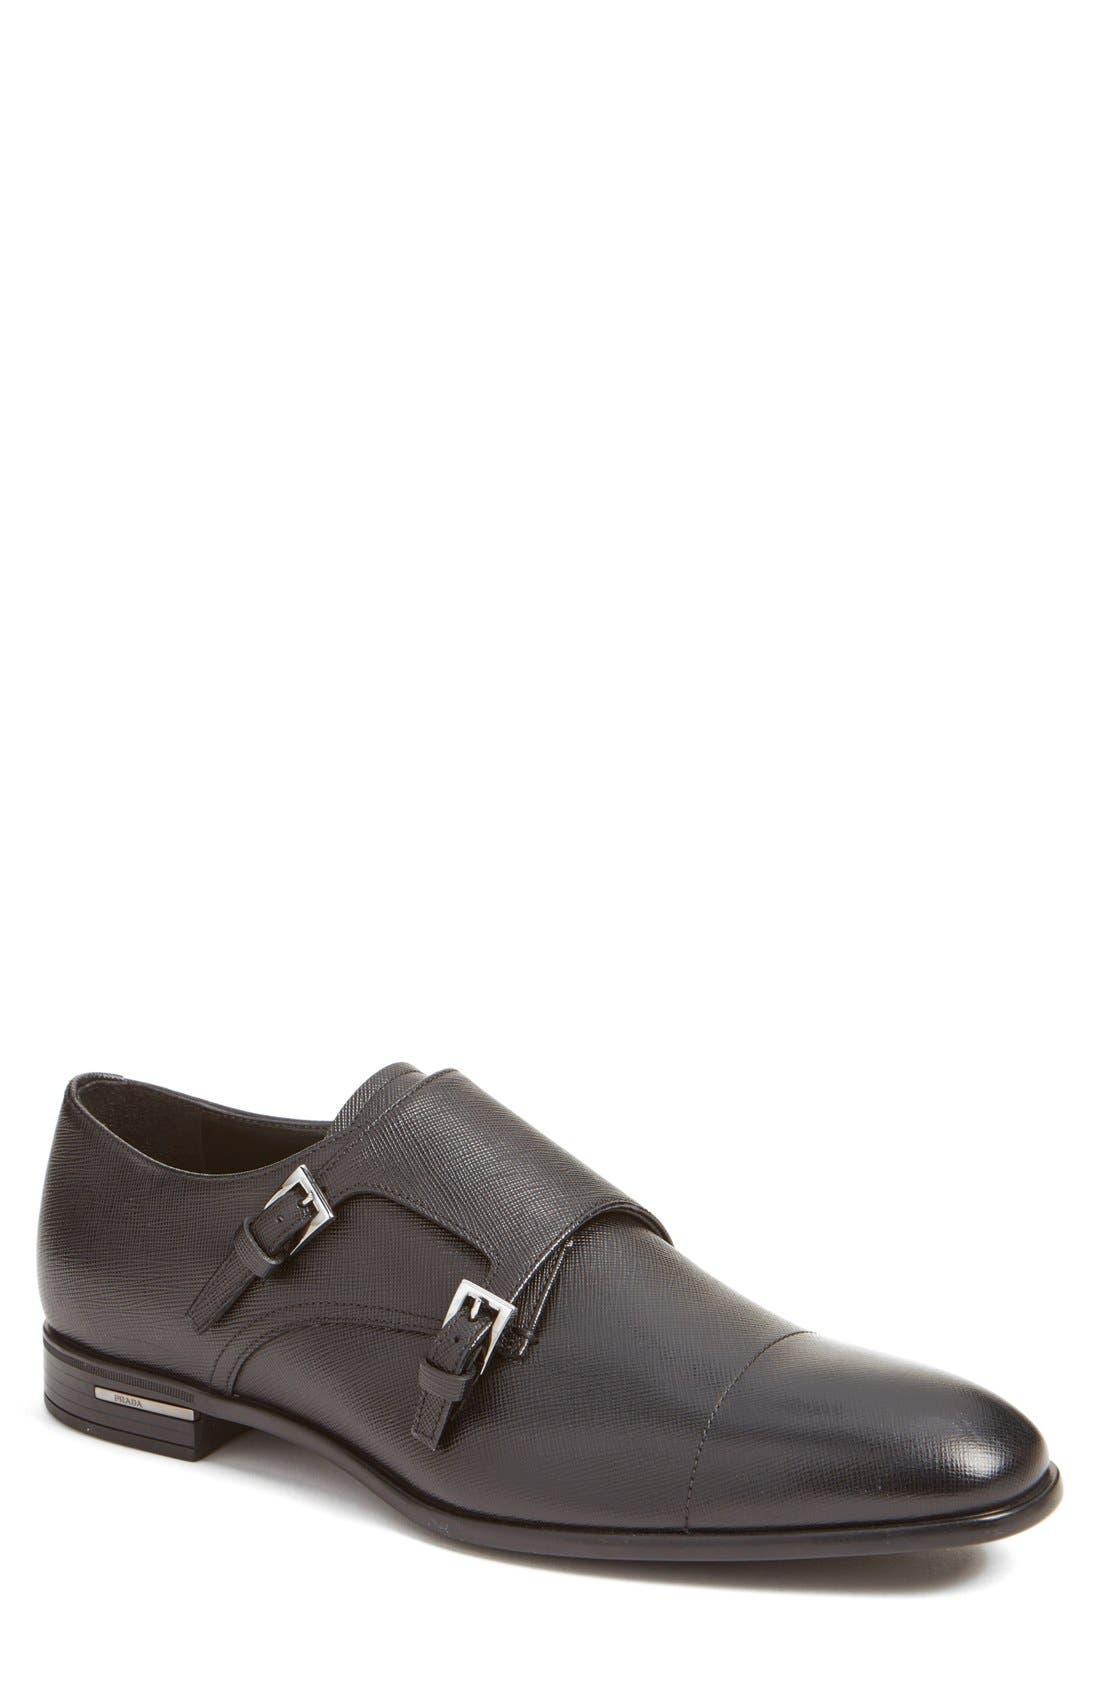 Double Monk Strap Shoe,                             Main thumbnail 1, color,                             Nero Leather